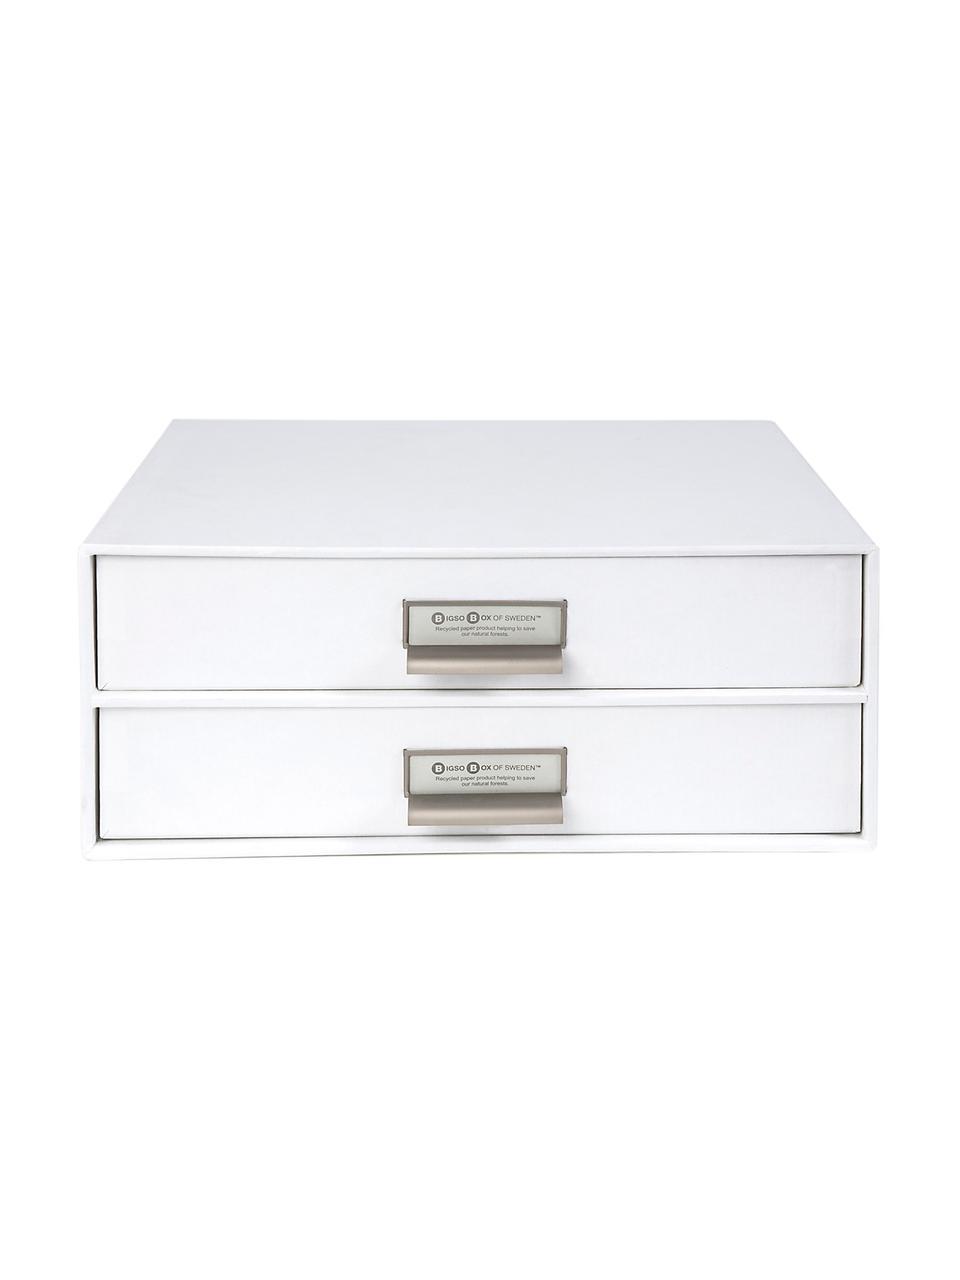 Organizer da ufficio Birger, Organizer: solido cartone laminato, Organizer all'esterno: bianco Organizer all'interno: bianco, Larg. 33 x Alt. 15 cm